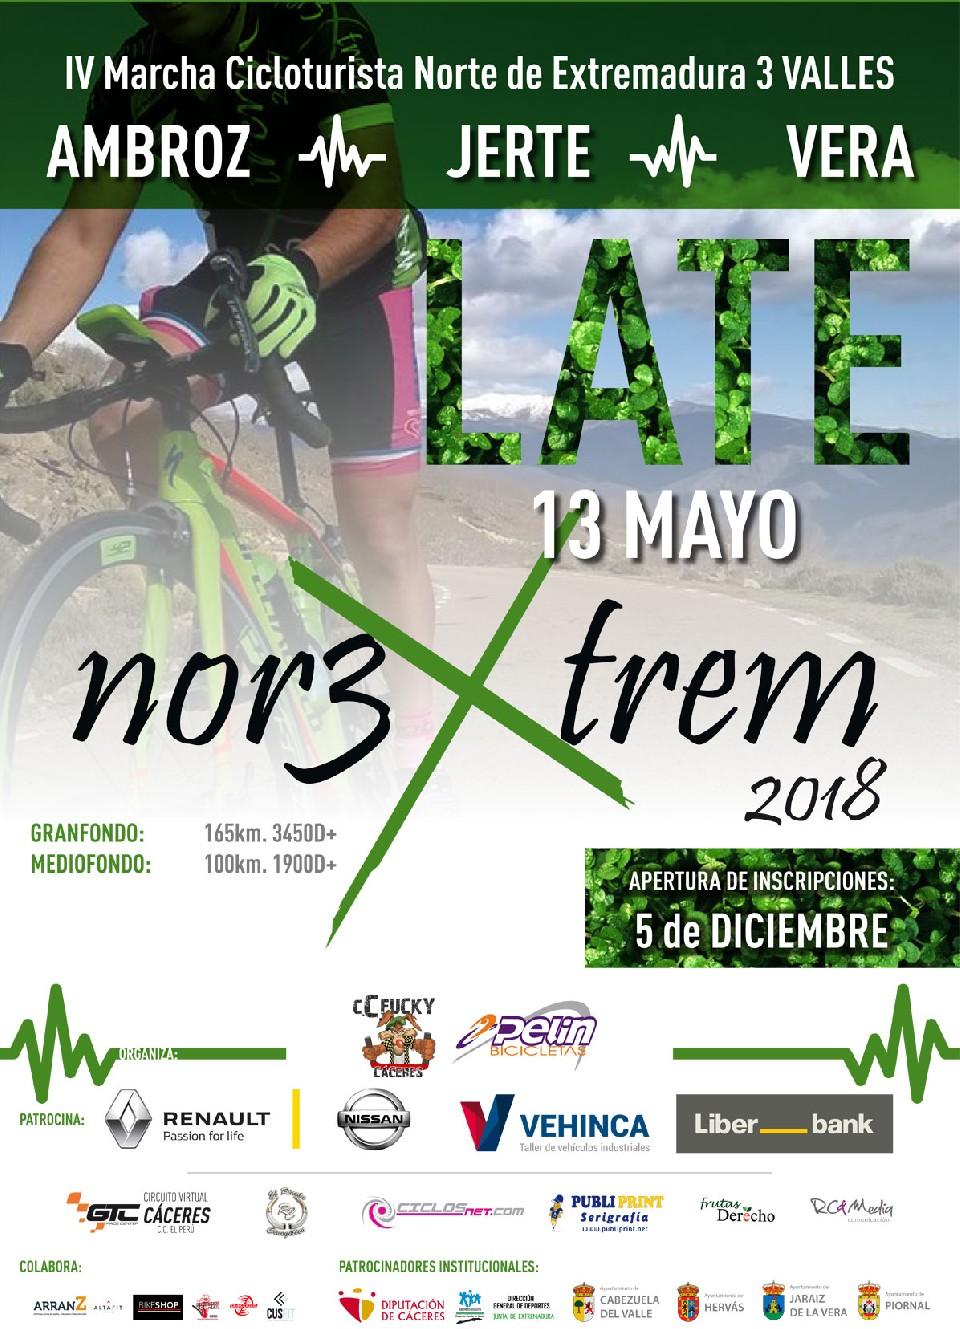 IV Marcha Cicloturista Norte de Extremadura 3 Valles